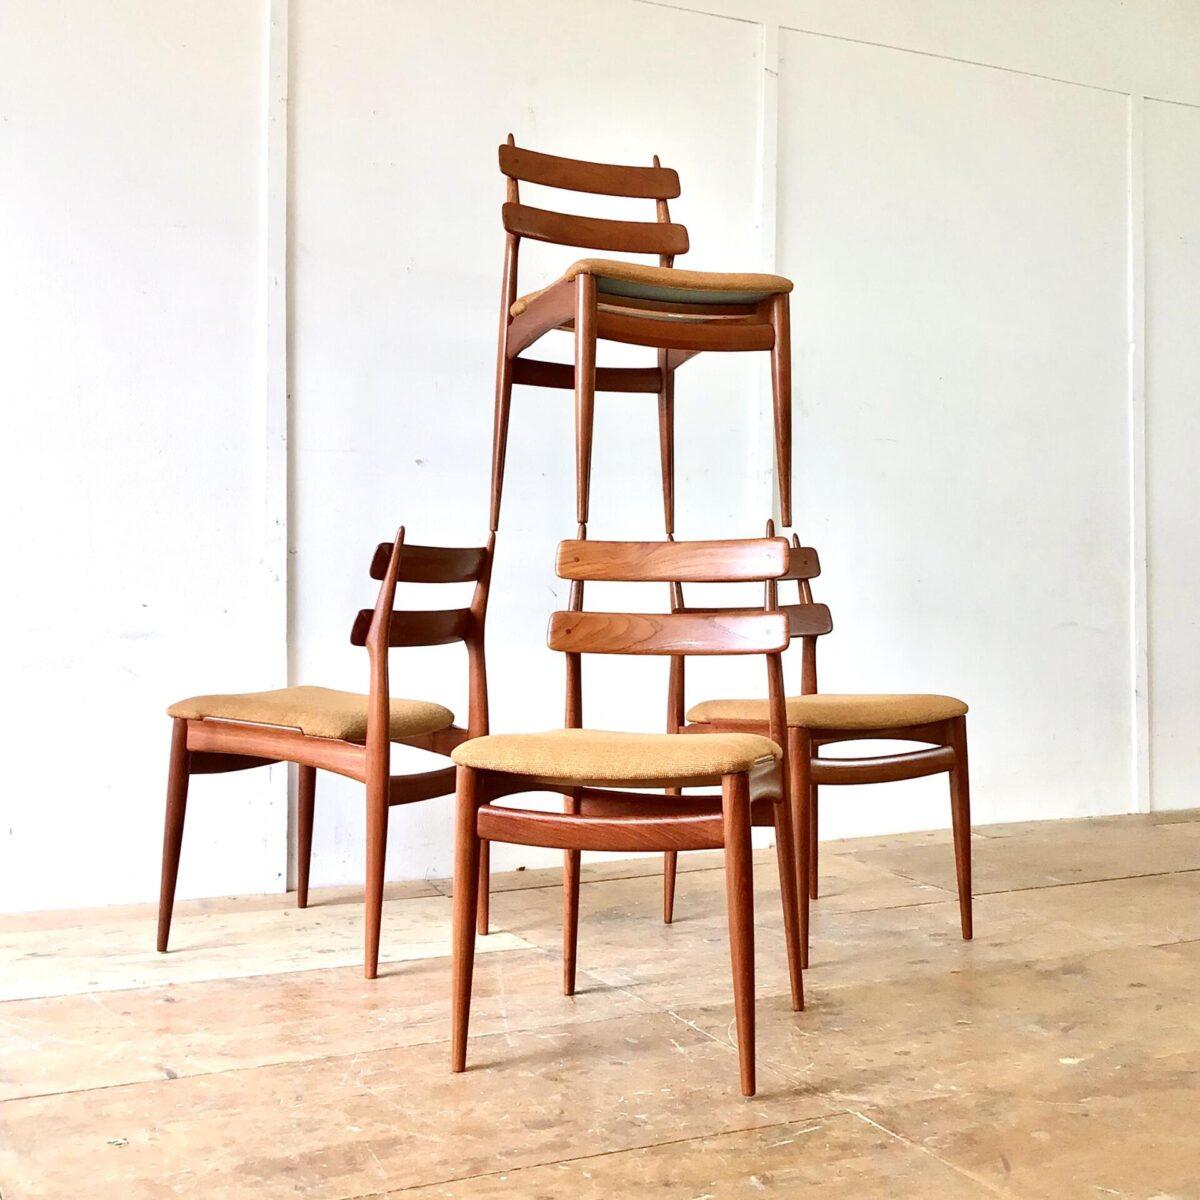 Deuxieme.shop Schön erhaltenes 4er Set Esszimmer Stühle von Swiss Teak. Ein paar wacklige Holzverbindungen haben wir frisch verleimt. Der Stoffbezug ist noch der originale und in recht gutem Zustand, eine Ecke ist allerdings leicht durchgeschabt. Ist auf Bild drei Sichtbar. Die Stühle sind sehr hochwertig verarbeitet, und bis in die Details schön geformt.